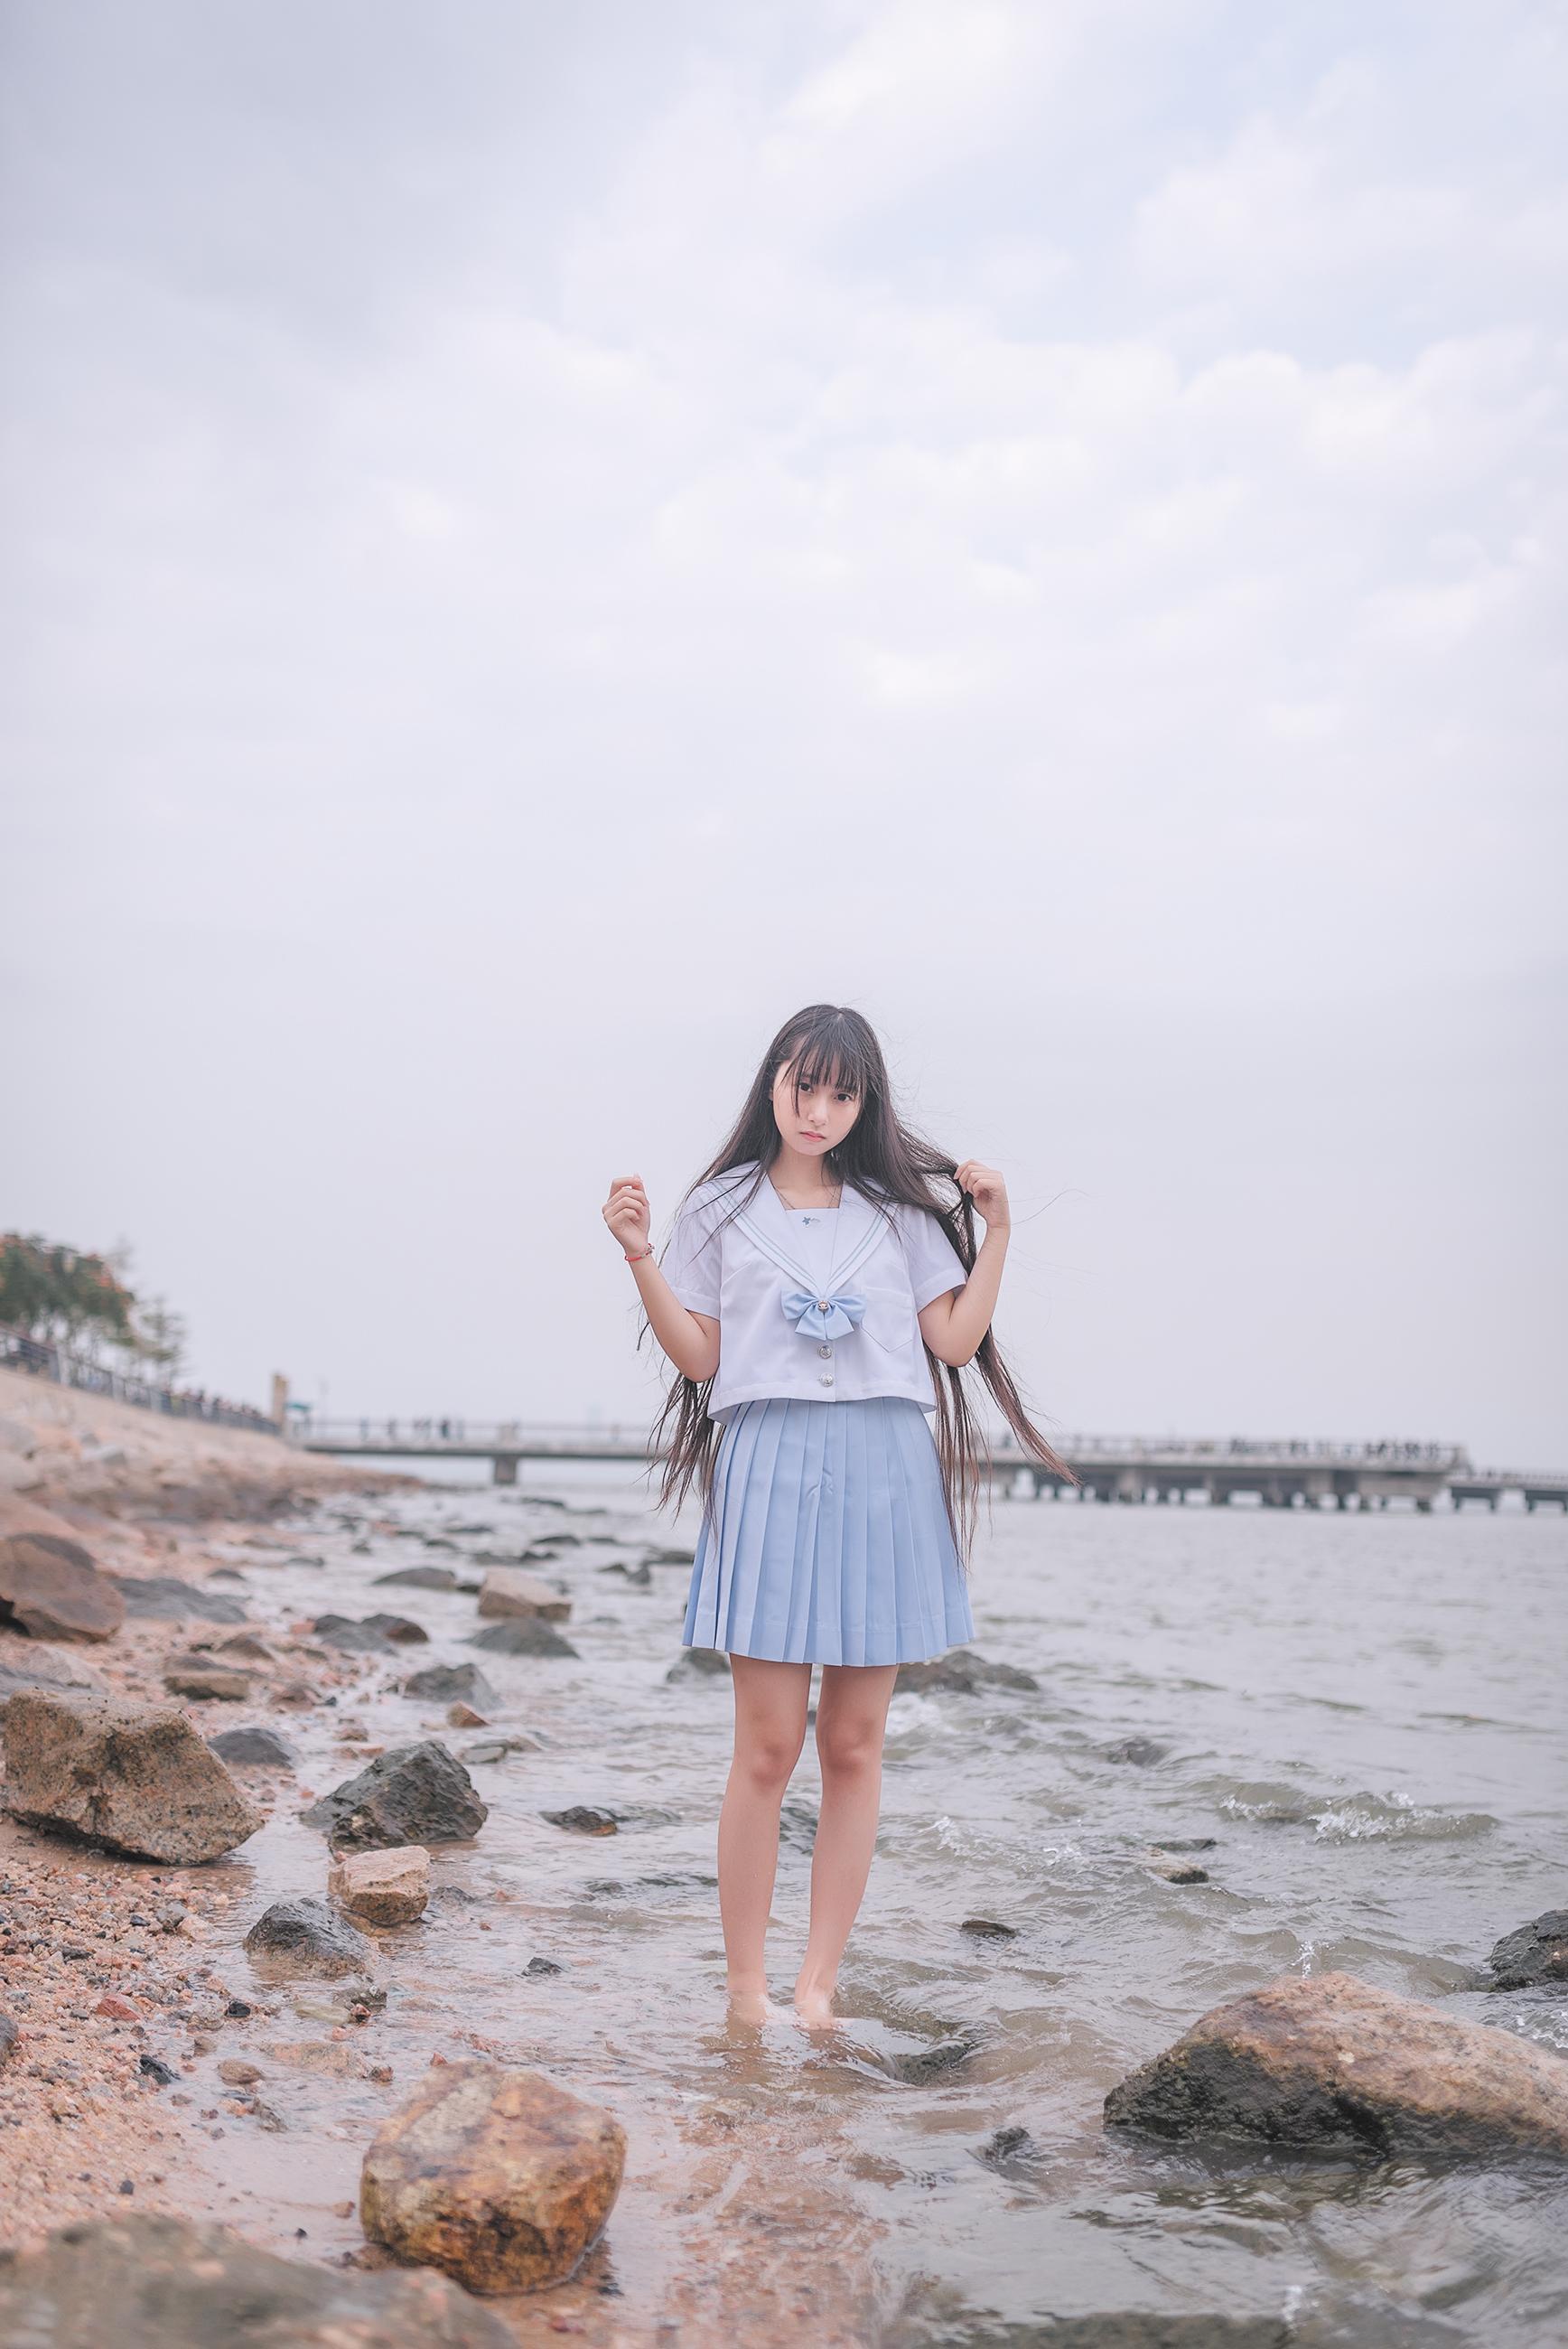 XOsN5Zzz o - 和学妹一起去海边